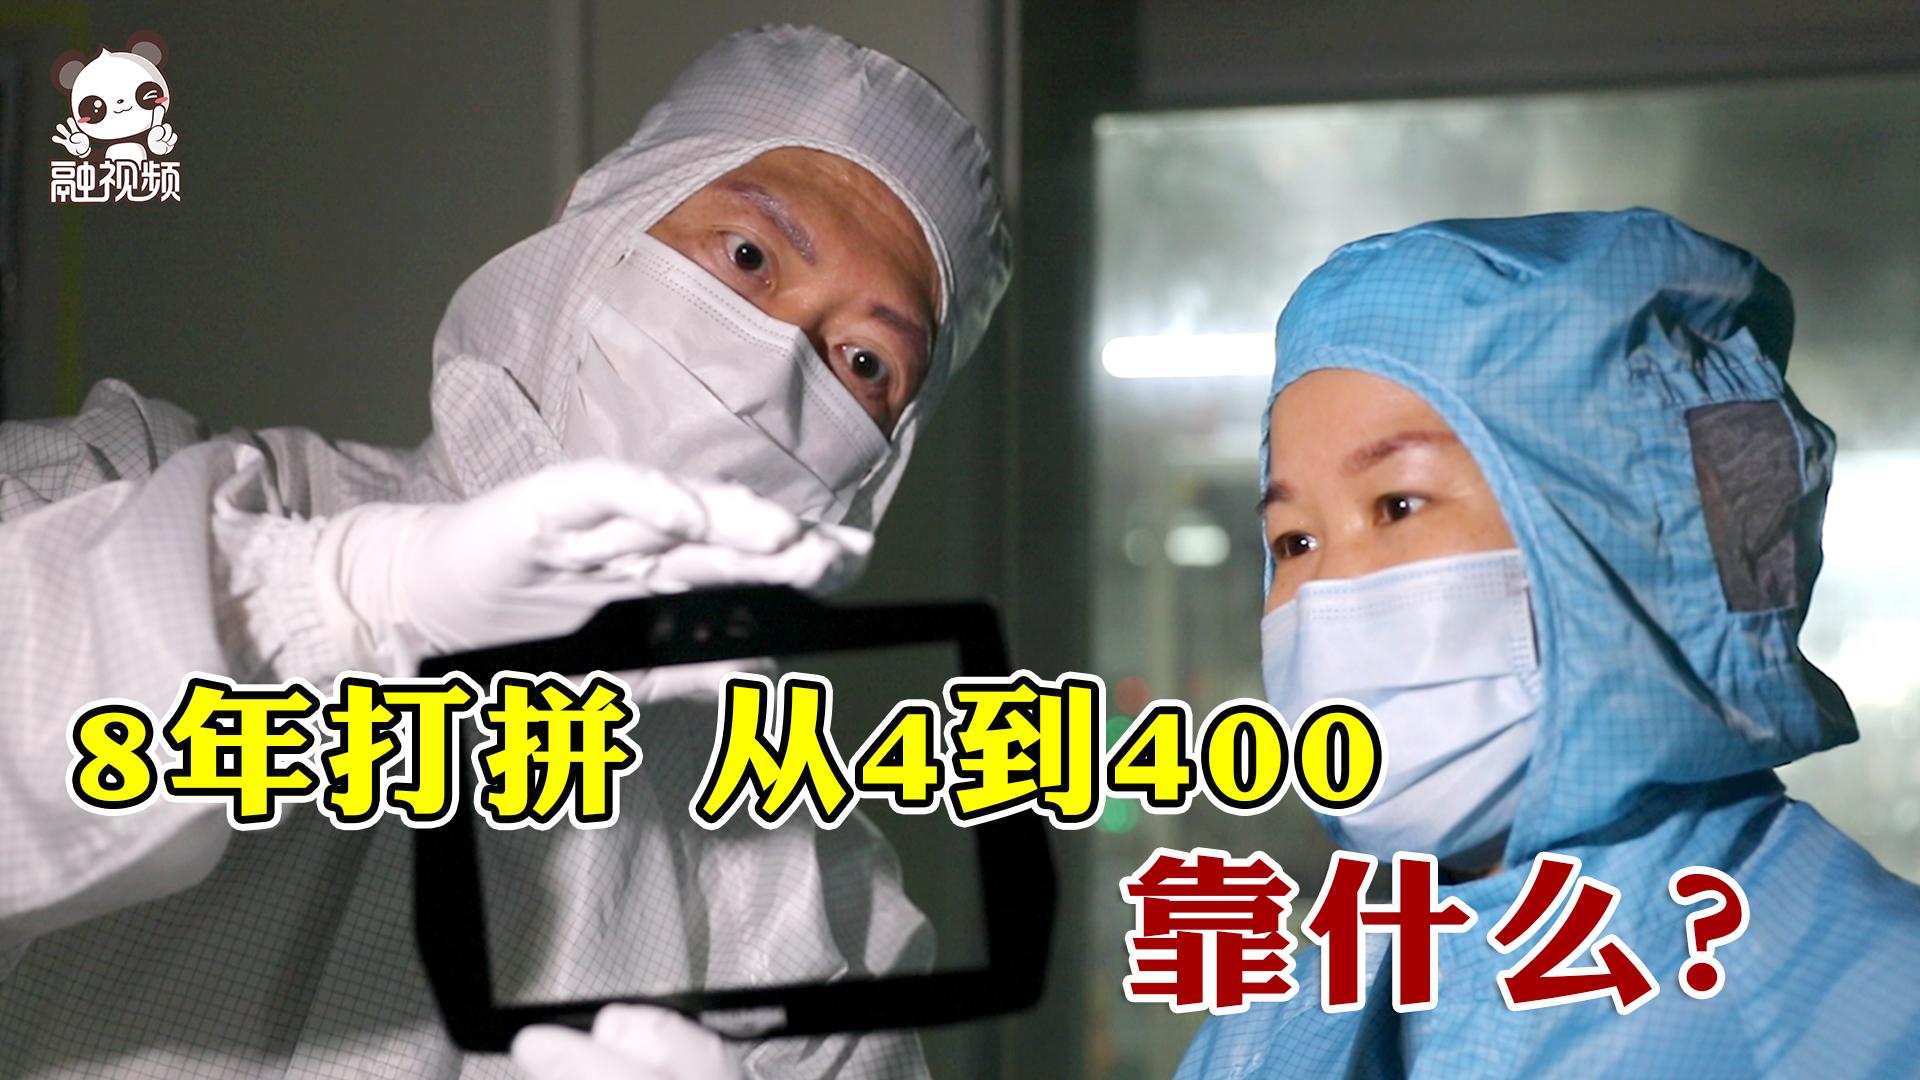 台商杨恩立在粤打拼八年,产品远销欧美日,靠的是什么?图片